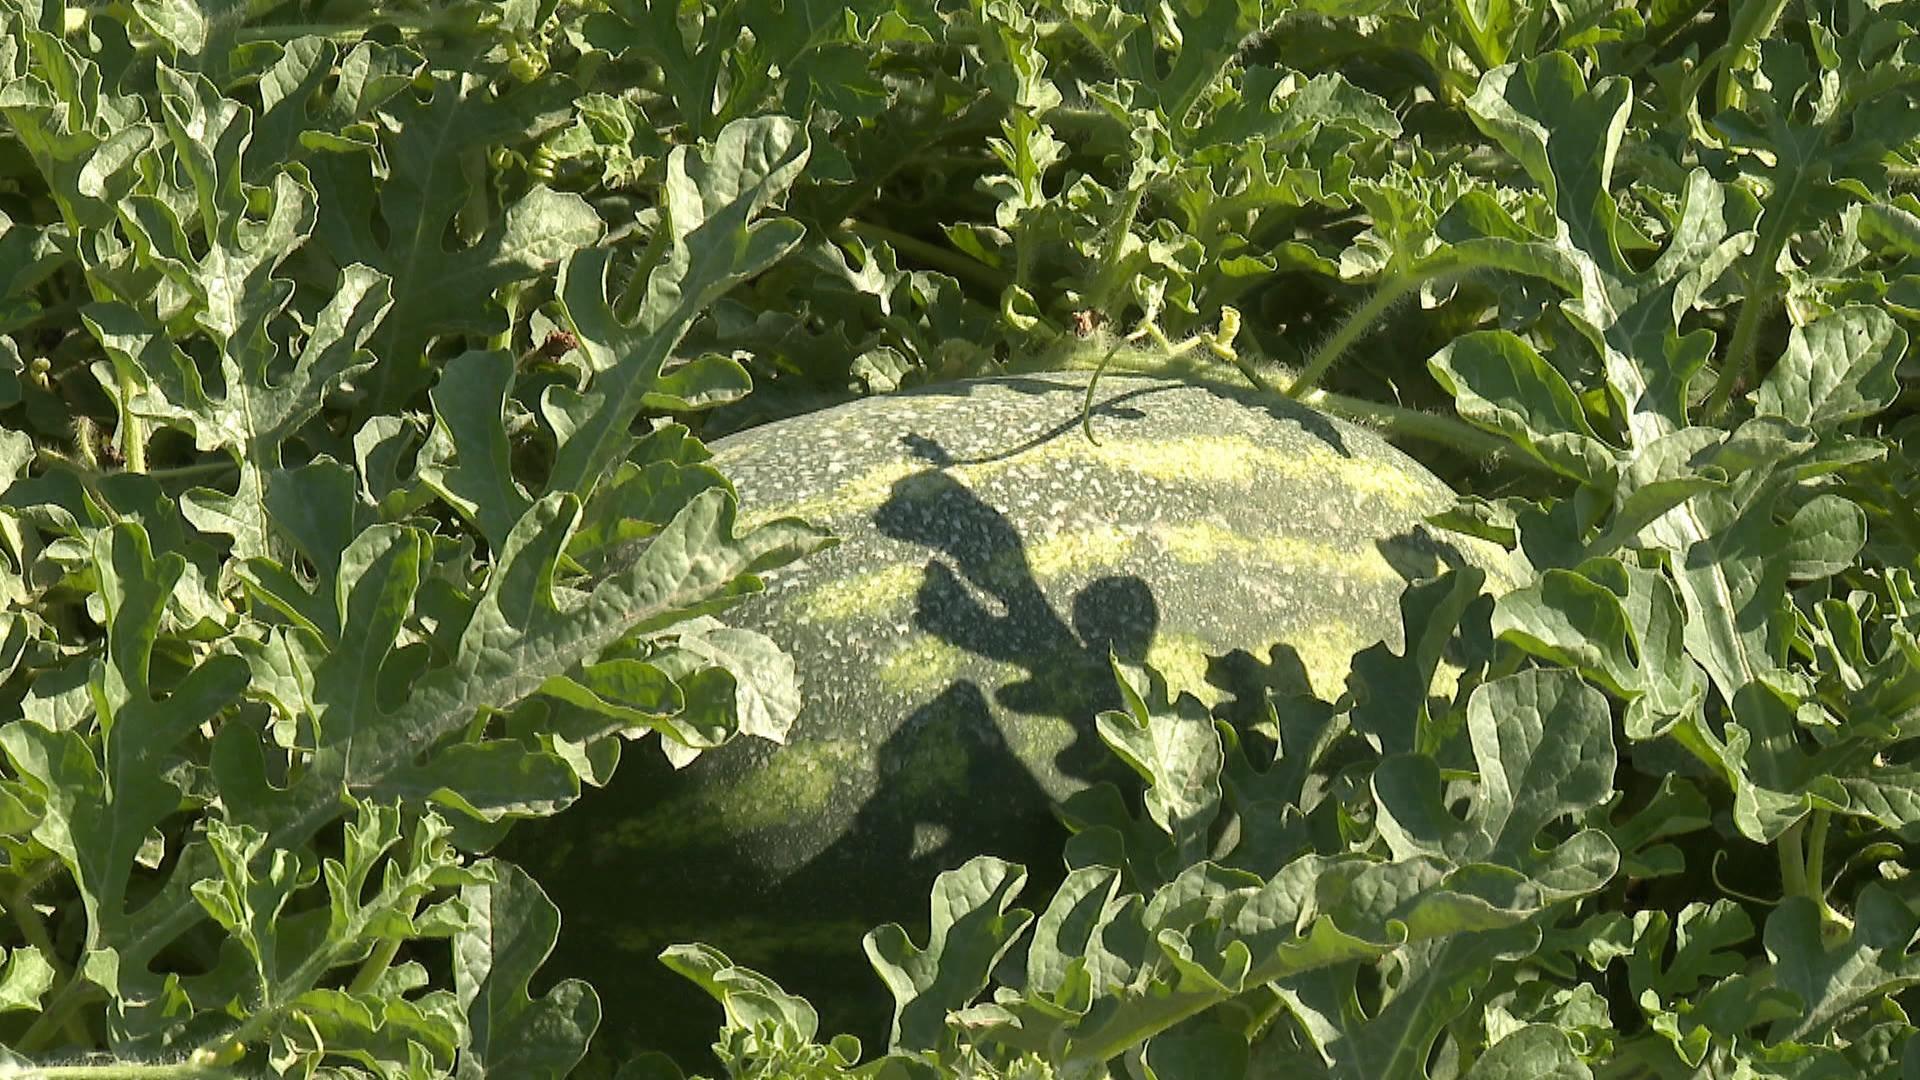 Els+pagesos+es+refien+del+turisme+per+tenir+una+bona+campanya+de+s%C3%ADndries+i+melons